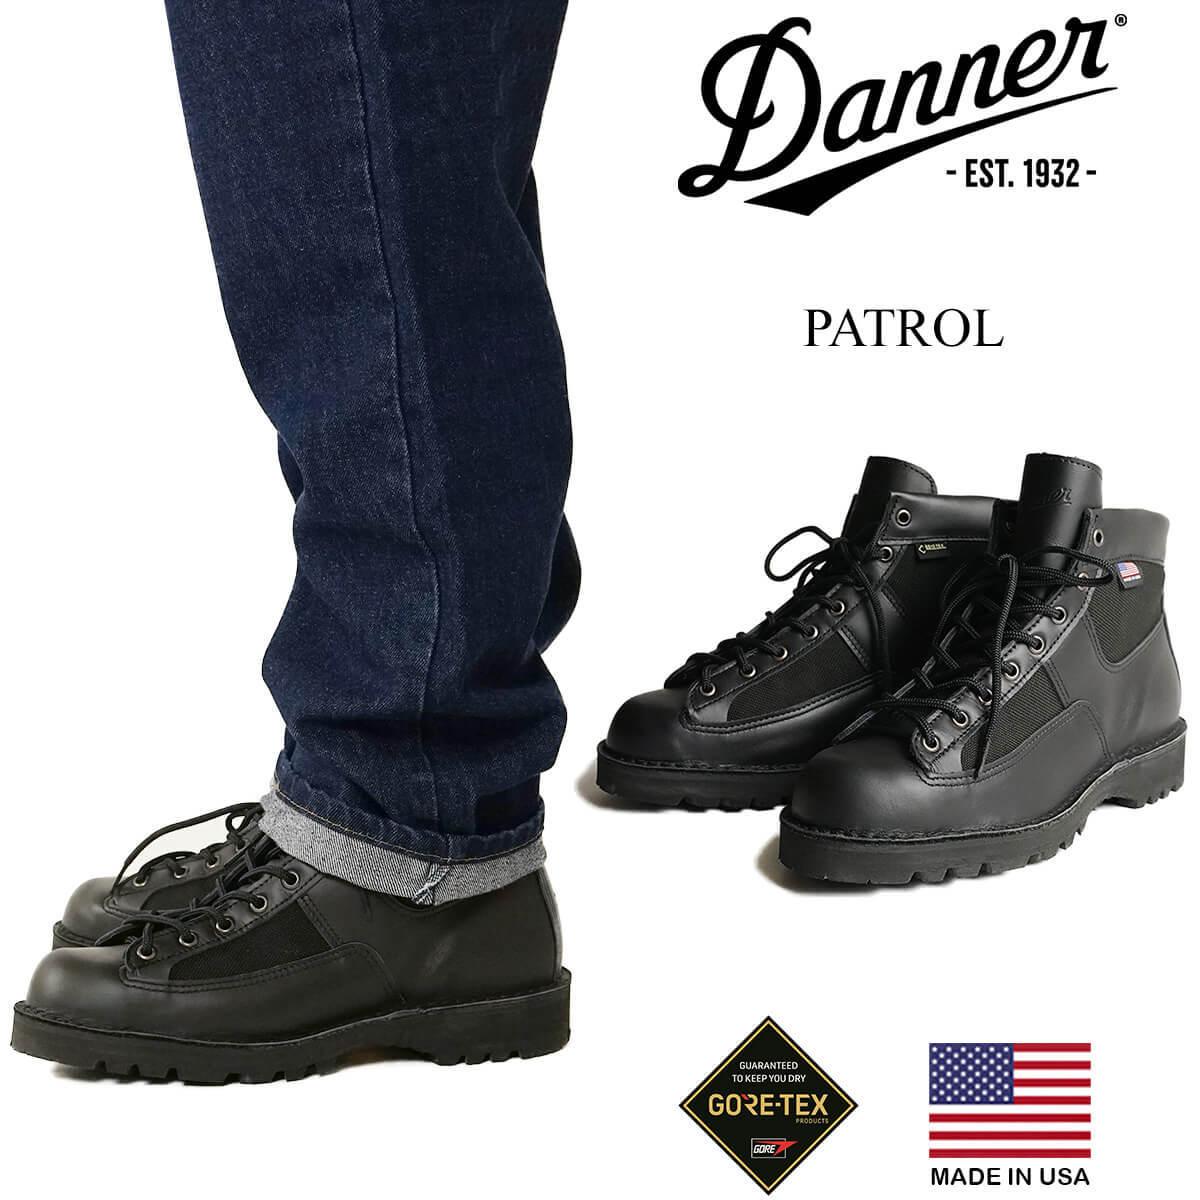 ダナー DANNER パトロール (ミリタリーブーツ タクティカルブーツ PATROL アメリカ製 MADE IN USA ゴアテックス 25200)